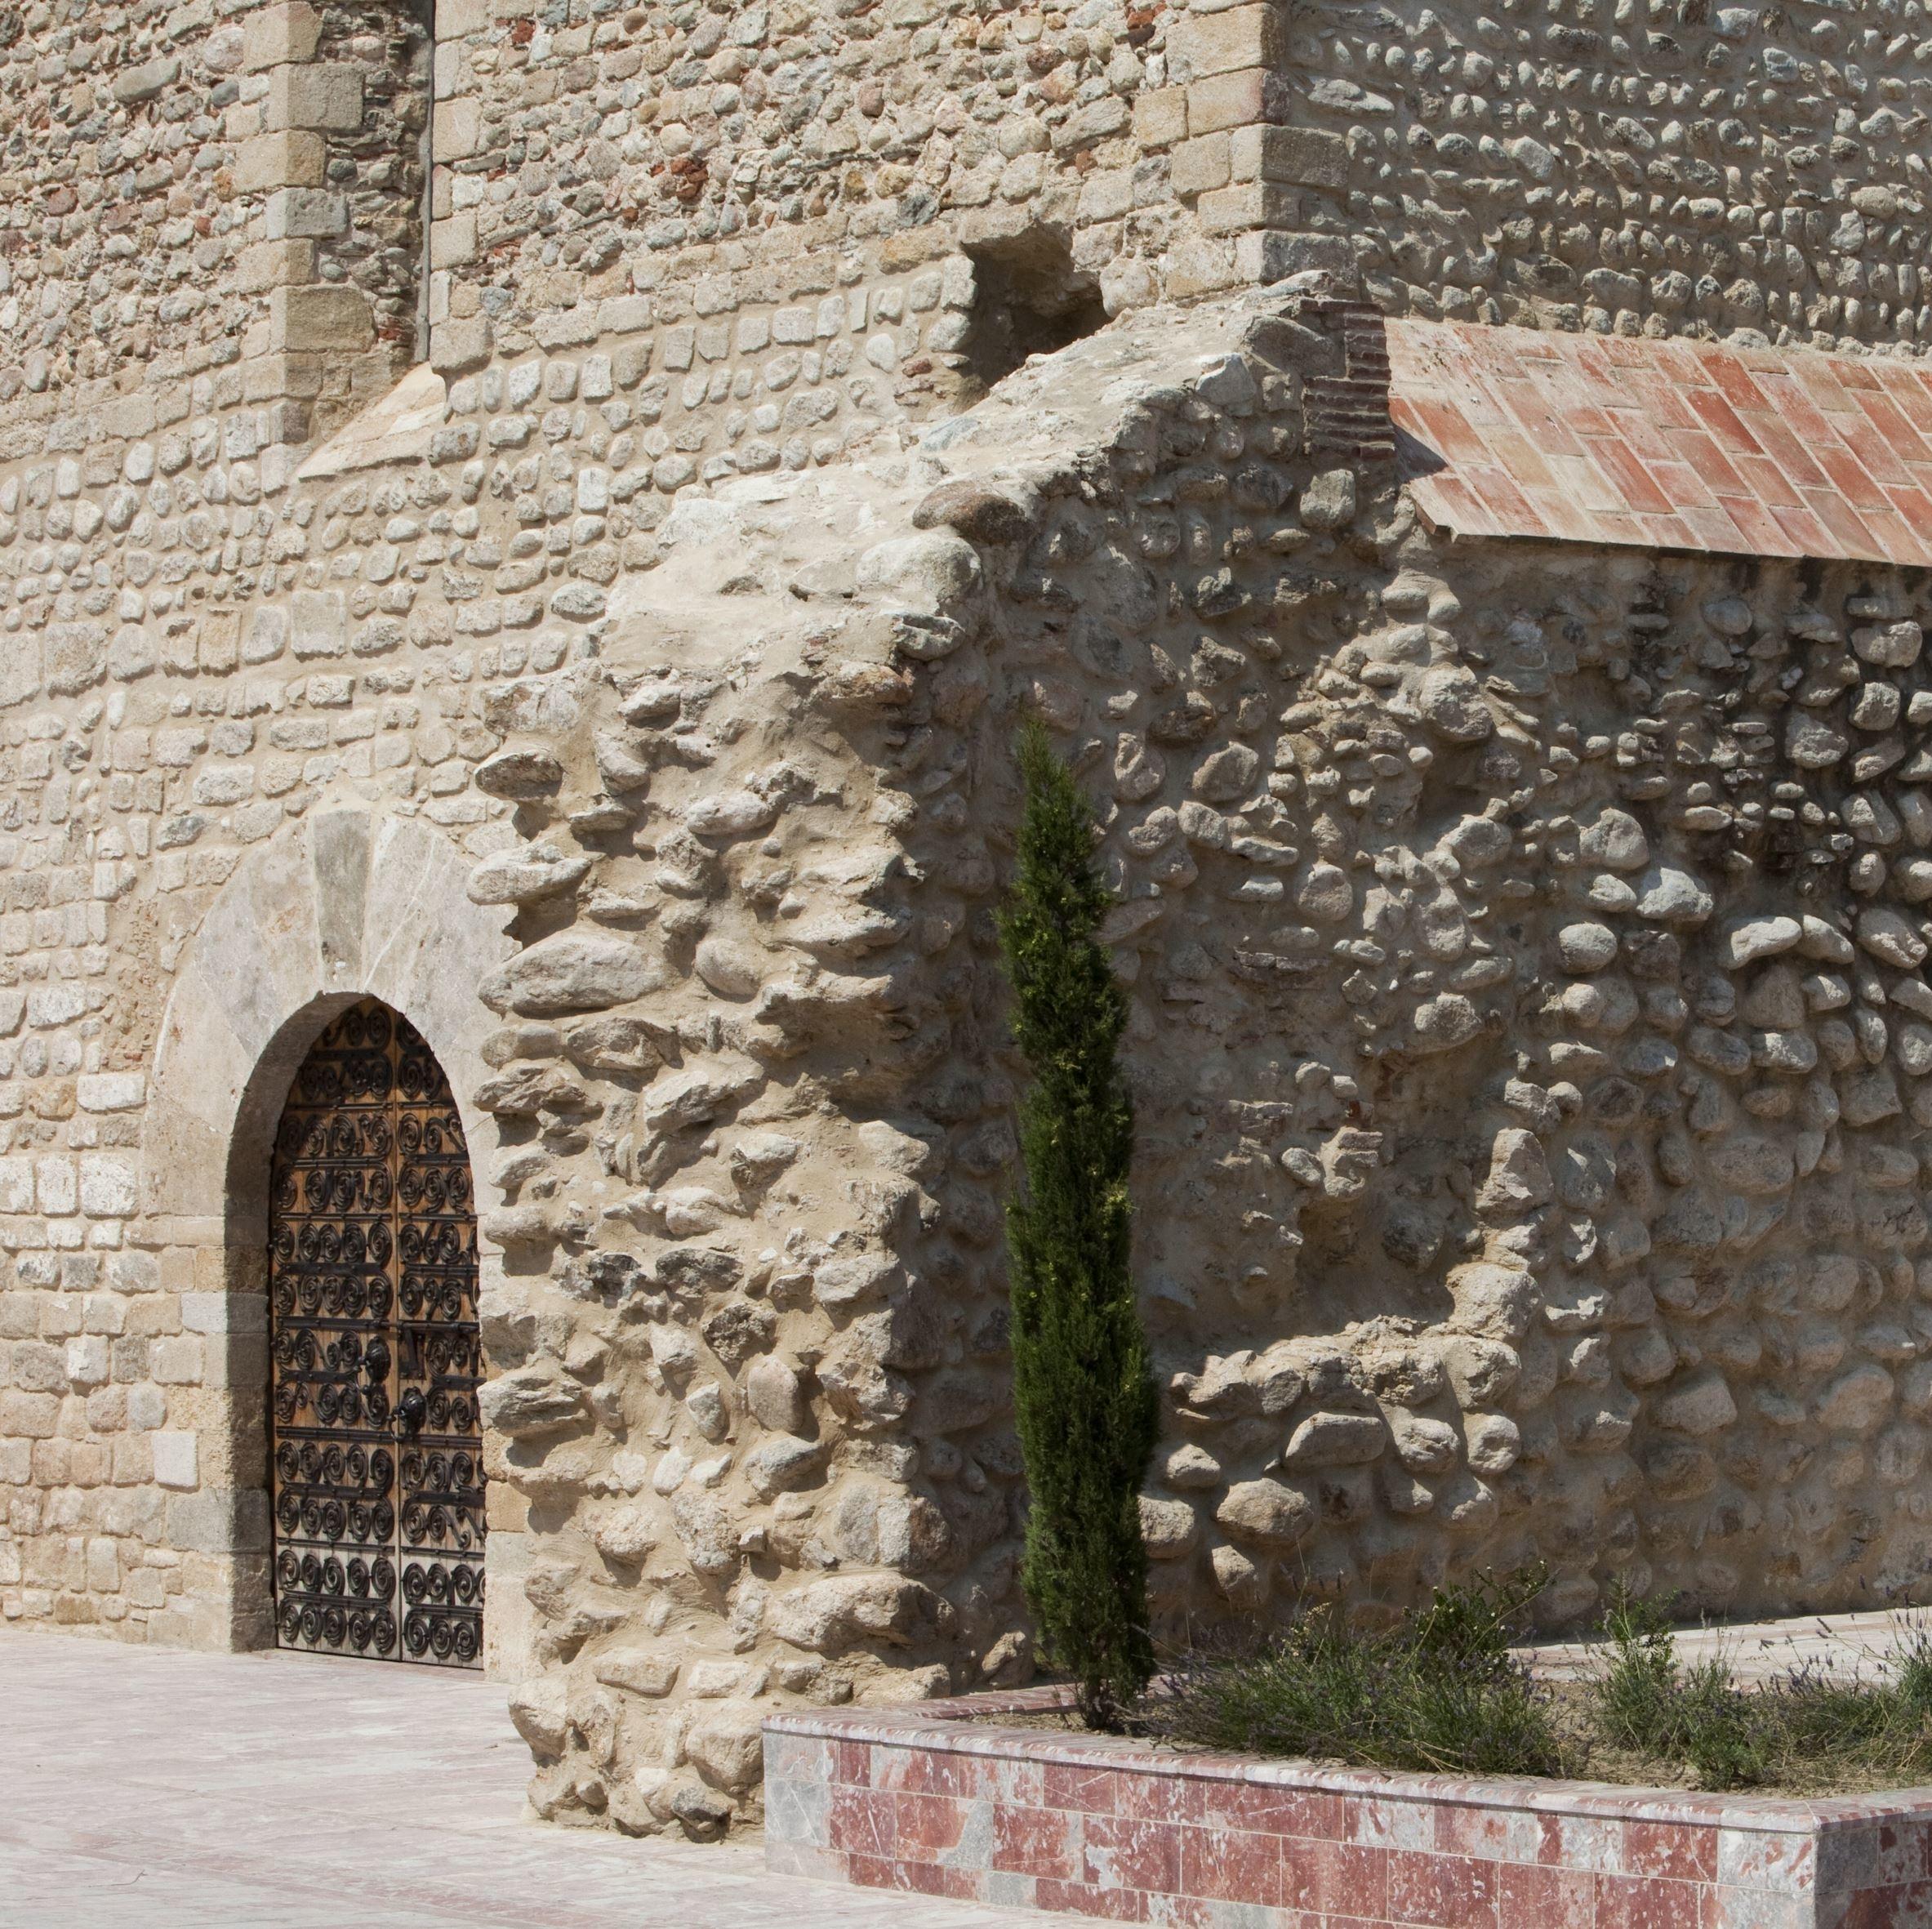 Mur épais adossé à l'église, vestige de l'ancien Palais du village fortifié